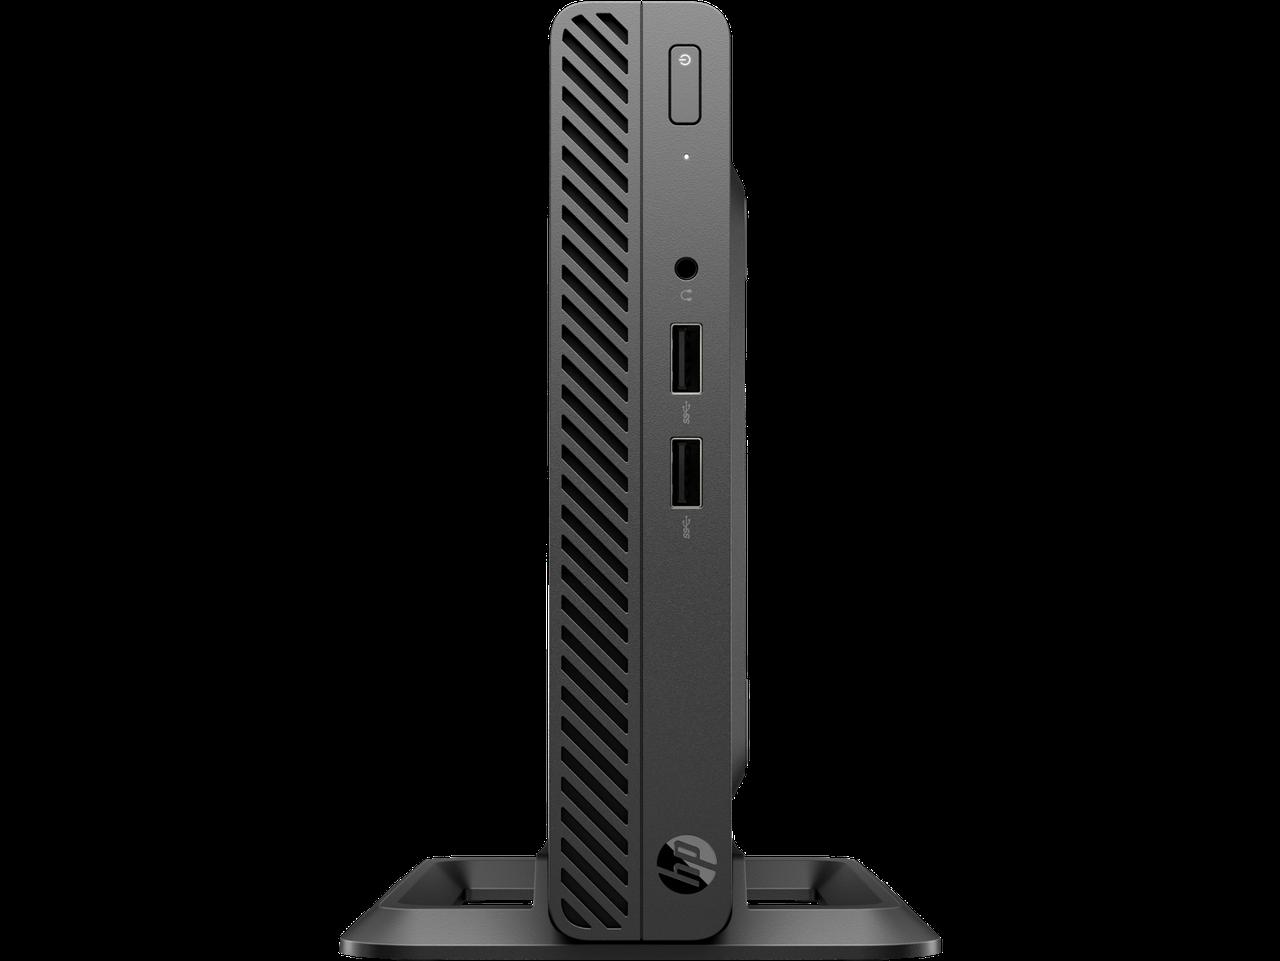 ПК HP 260 G3 в корпусе Desktop Mini  5FY22EA i5-7200U 1TB 8GB Corei5-7200U / 8GB / 1TB HDD / DOS / 1yw / kbd /